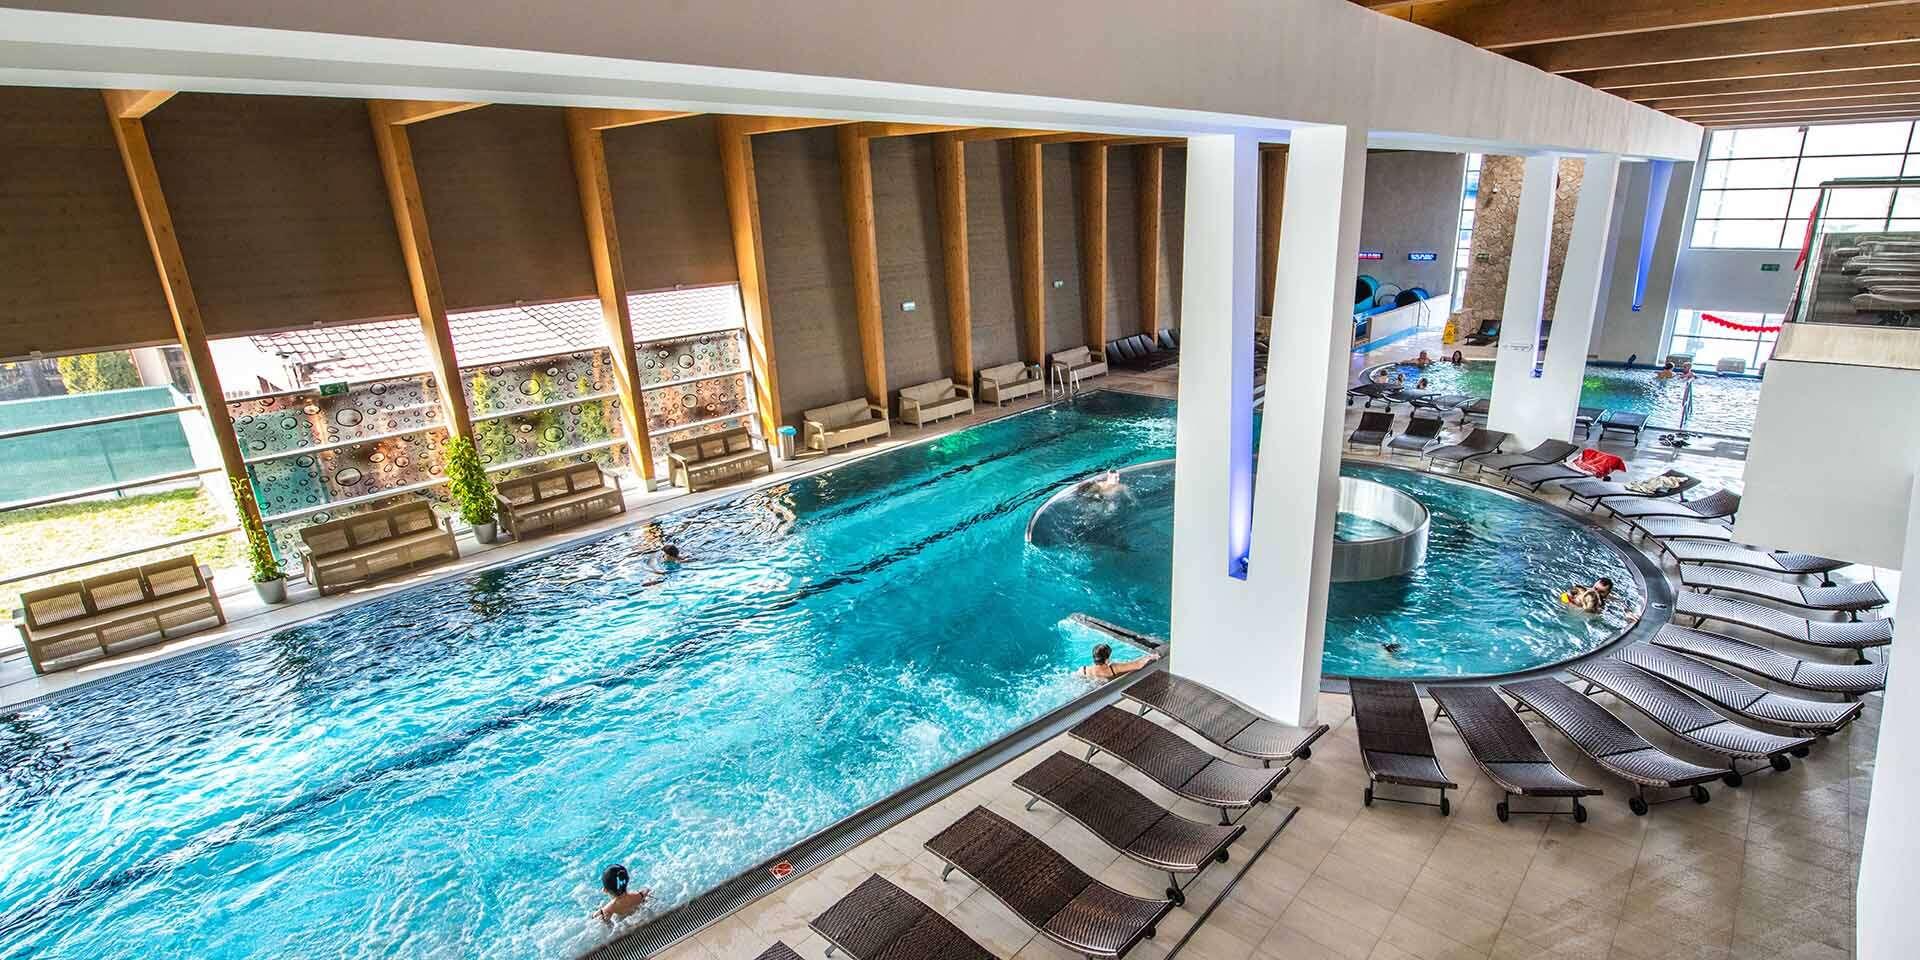 Zábava vo vodnom svete a relax vo wellness v Aquaparku Trnava, znovu otvorené